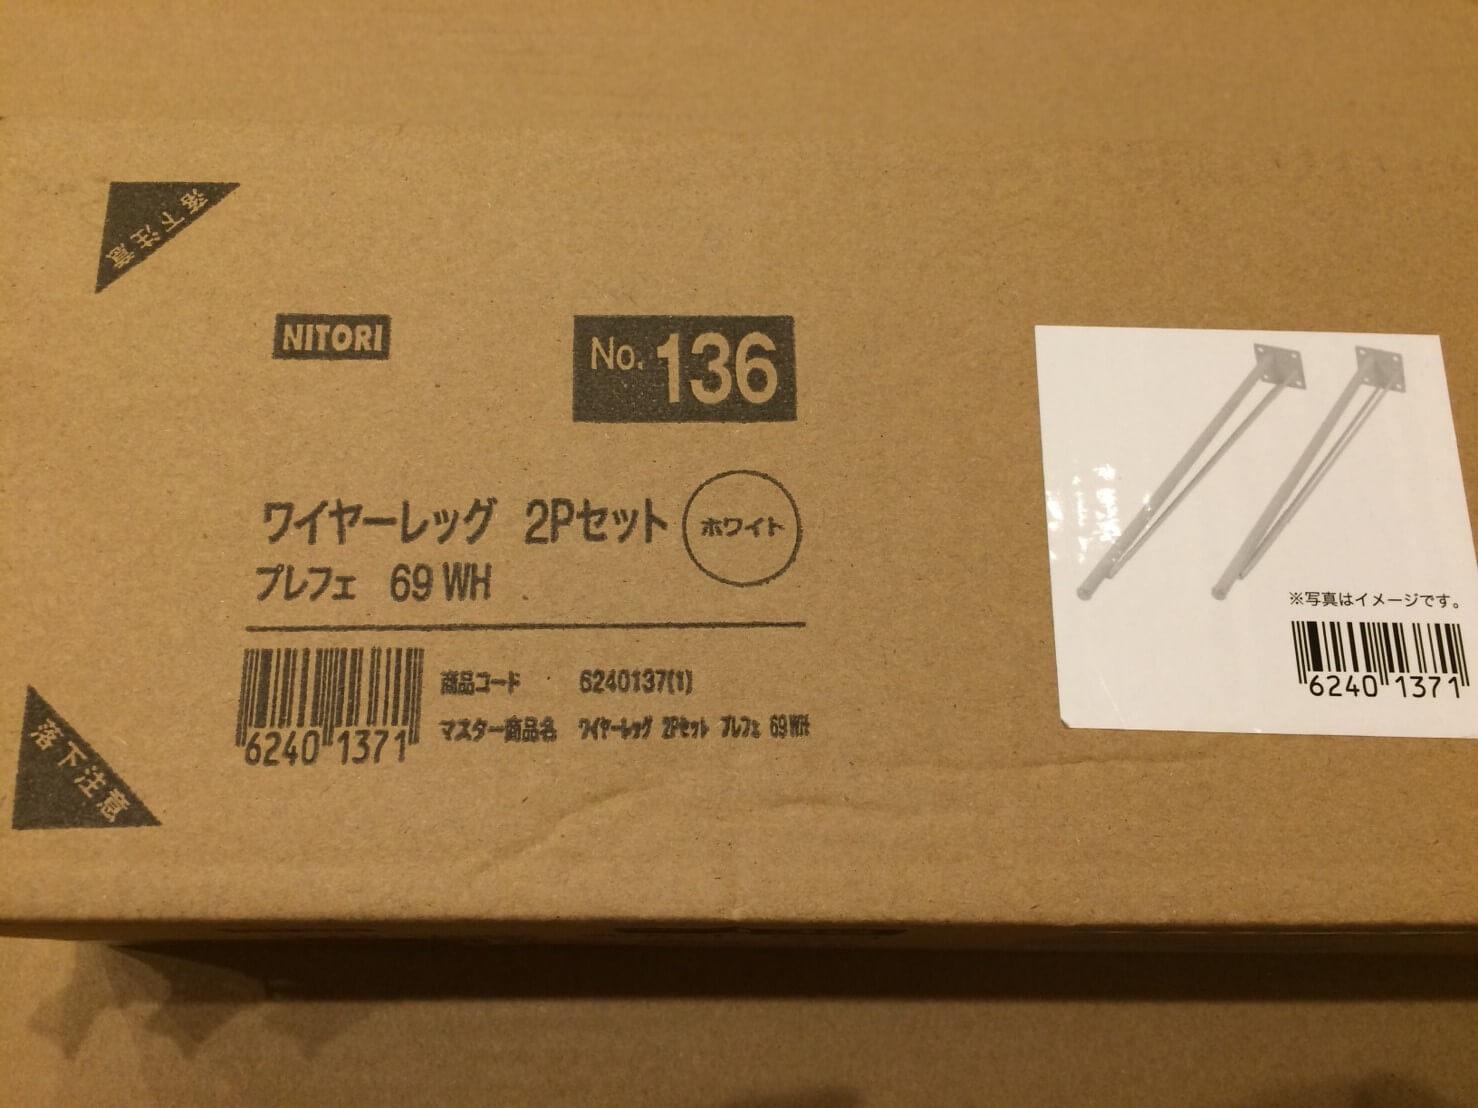 b9677f730e50ab52a74da18d993c1203 - サイズが絶妙!ニトリのデスクでDJブースをつくってみた!